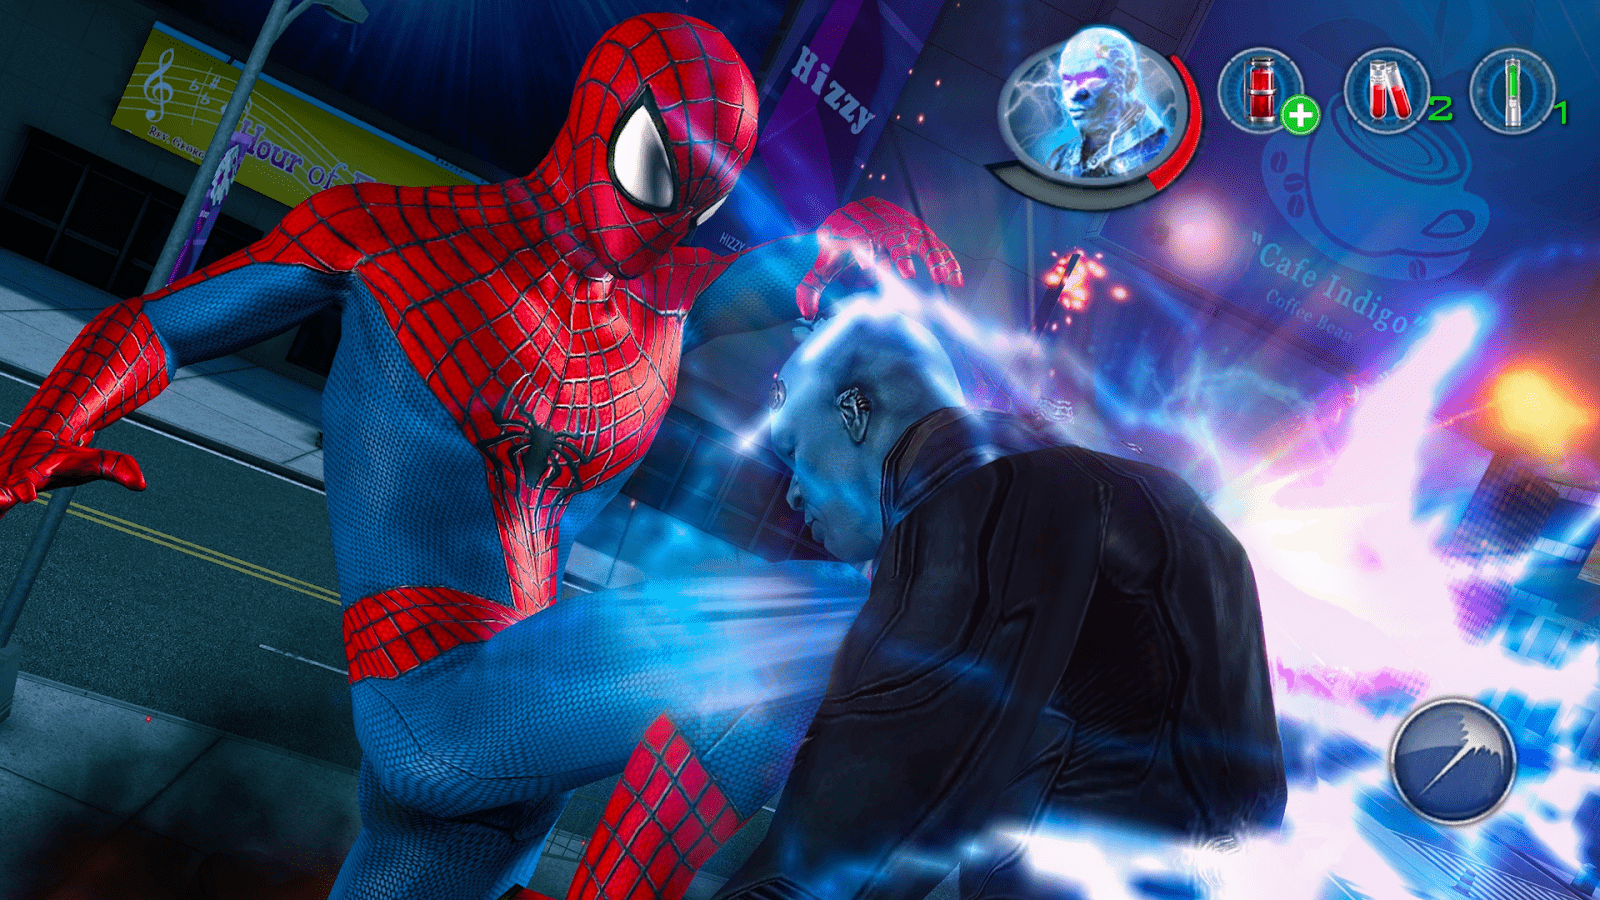 تحميل The Amazing Spider-Man 2 اخر اصدار [مهكرة + APK] للاندرويد